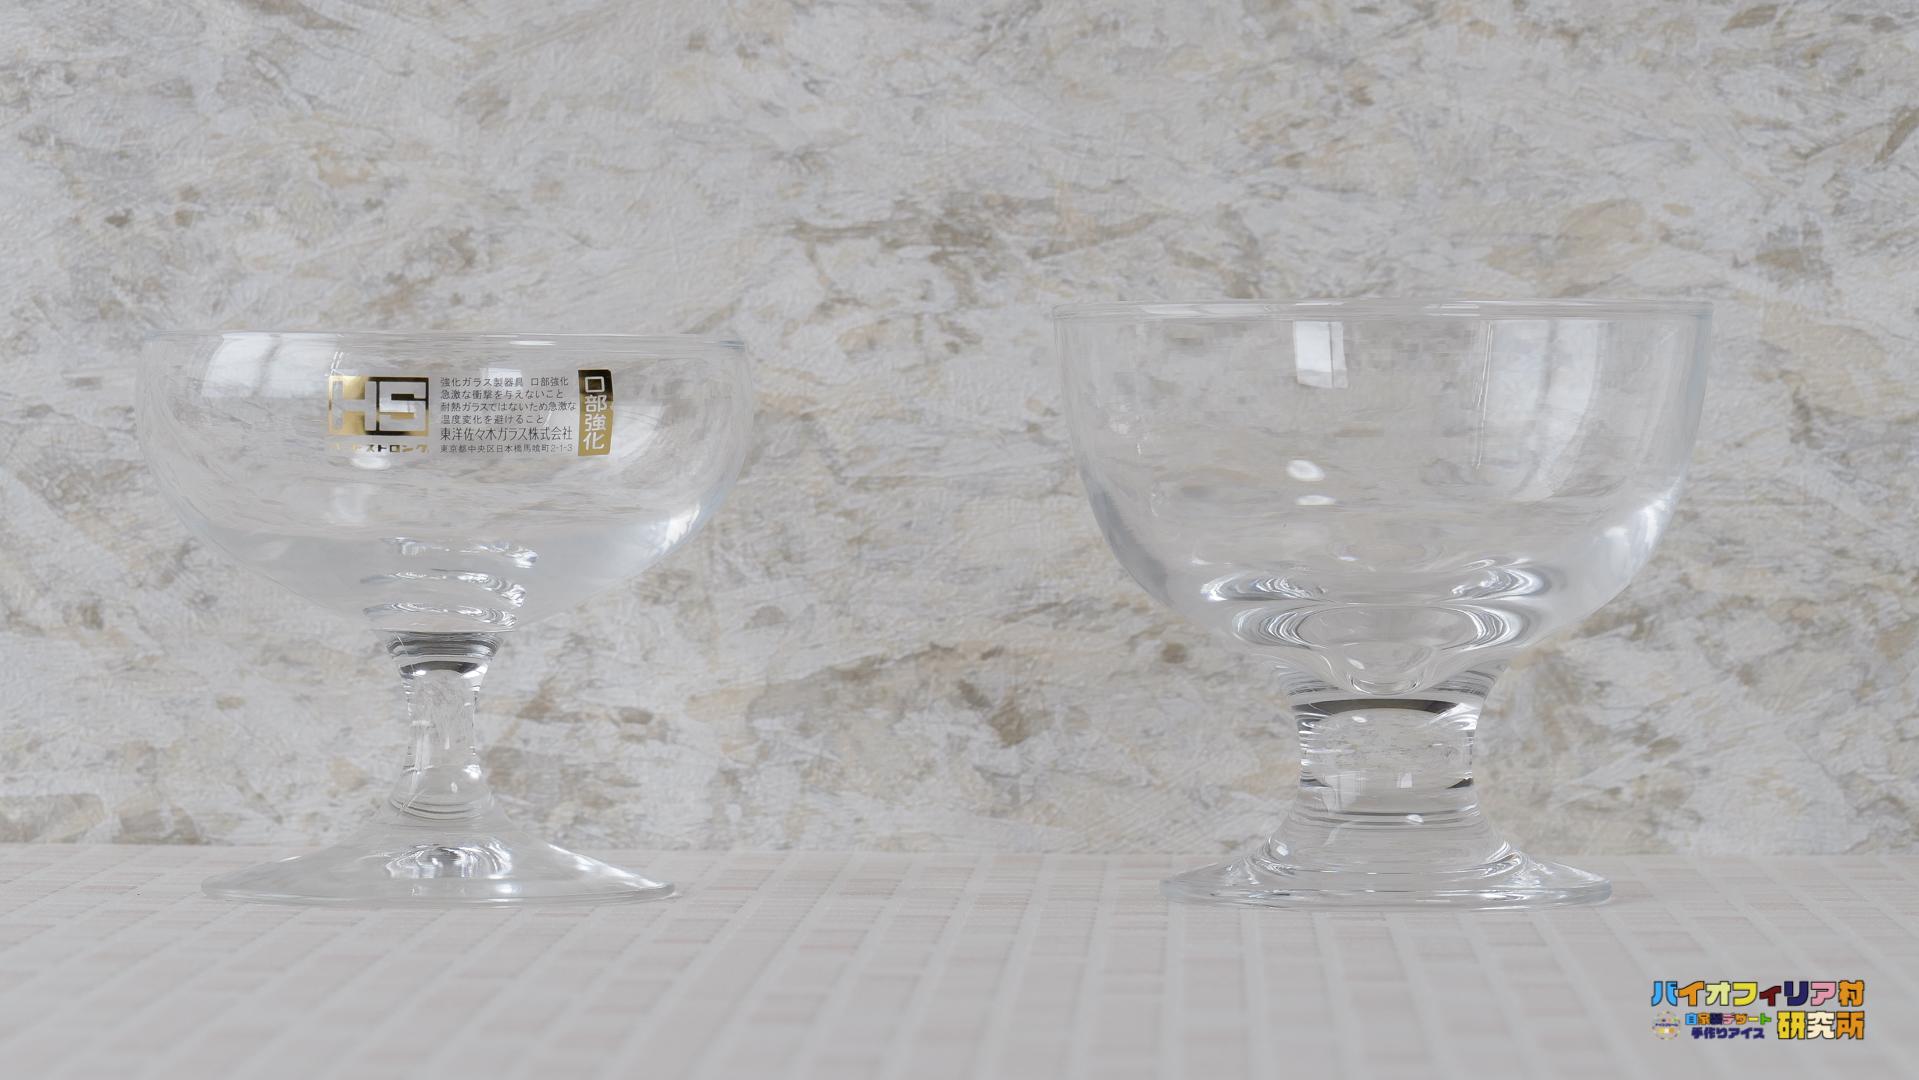 『東洋佐々木ガラス サンデーグラス 270ml プルエースパーラー 35301』と『東洋佐々木ガラス アイスクリームグラス 180ml ラーラ 32831HS』のふたつを比較した写真